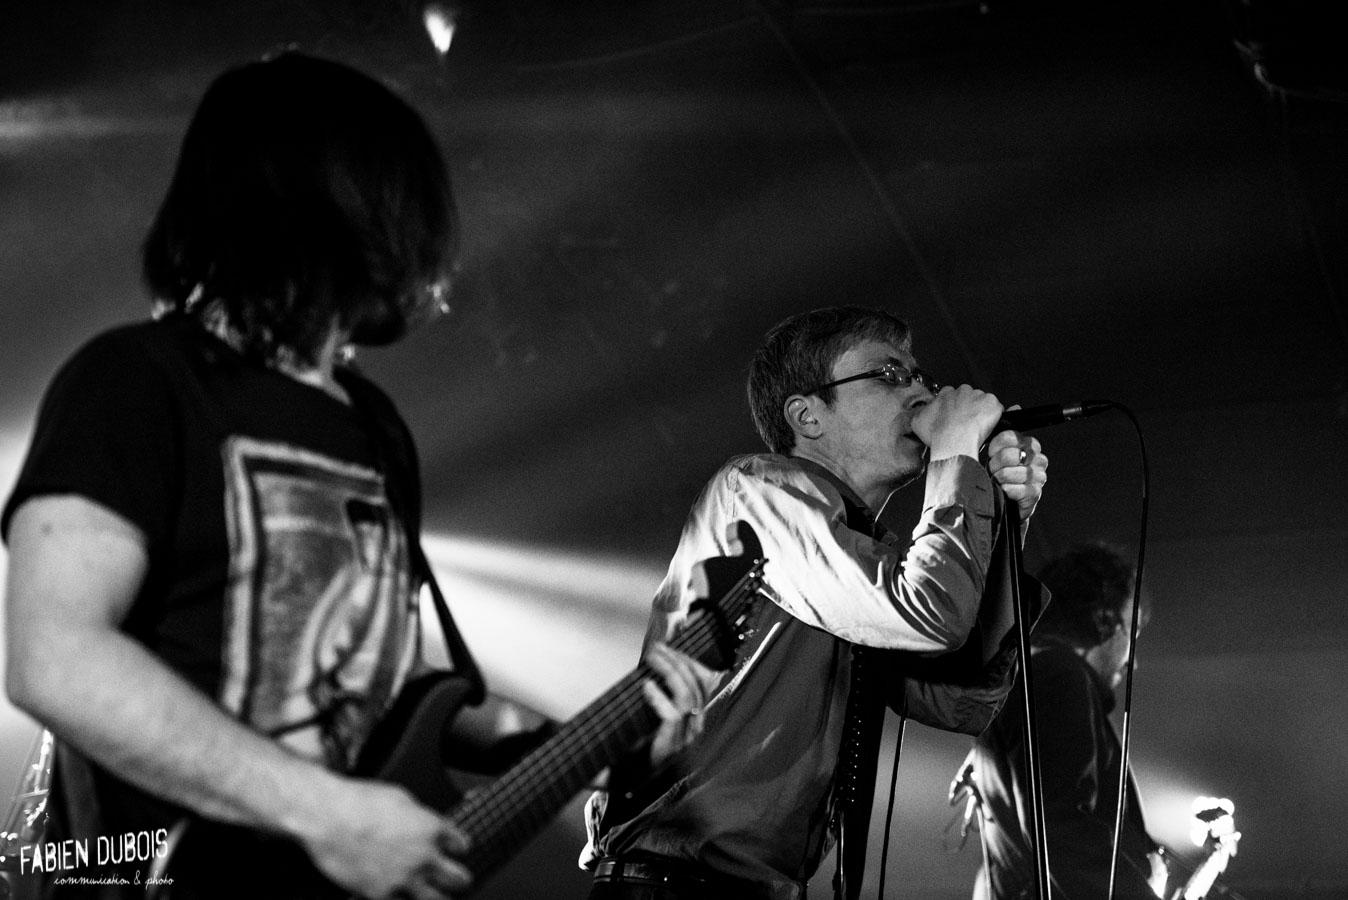 Photo Oyster's Reluctance Cavazik Cave Musique Mâcon France 2017